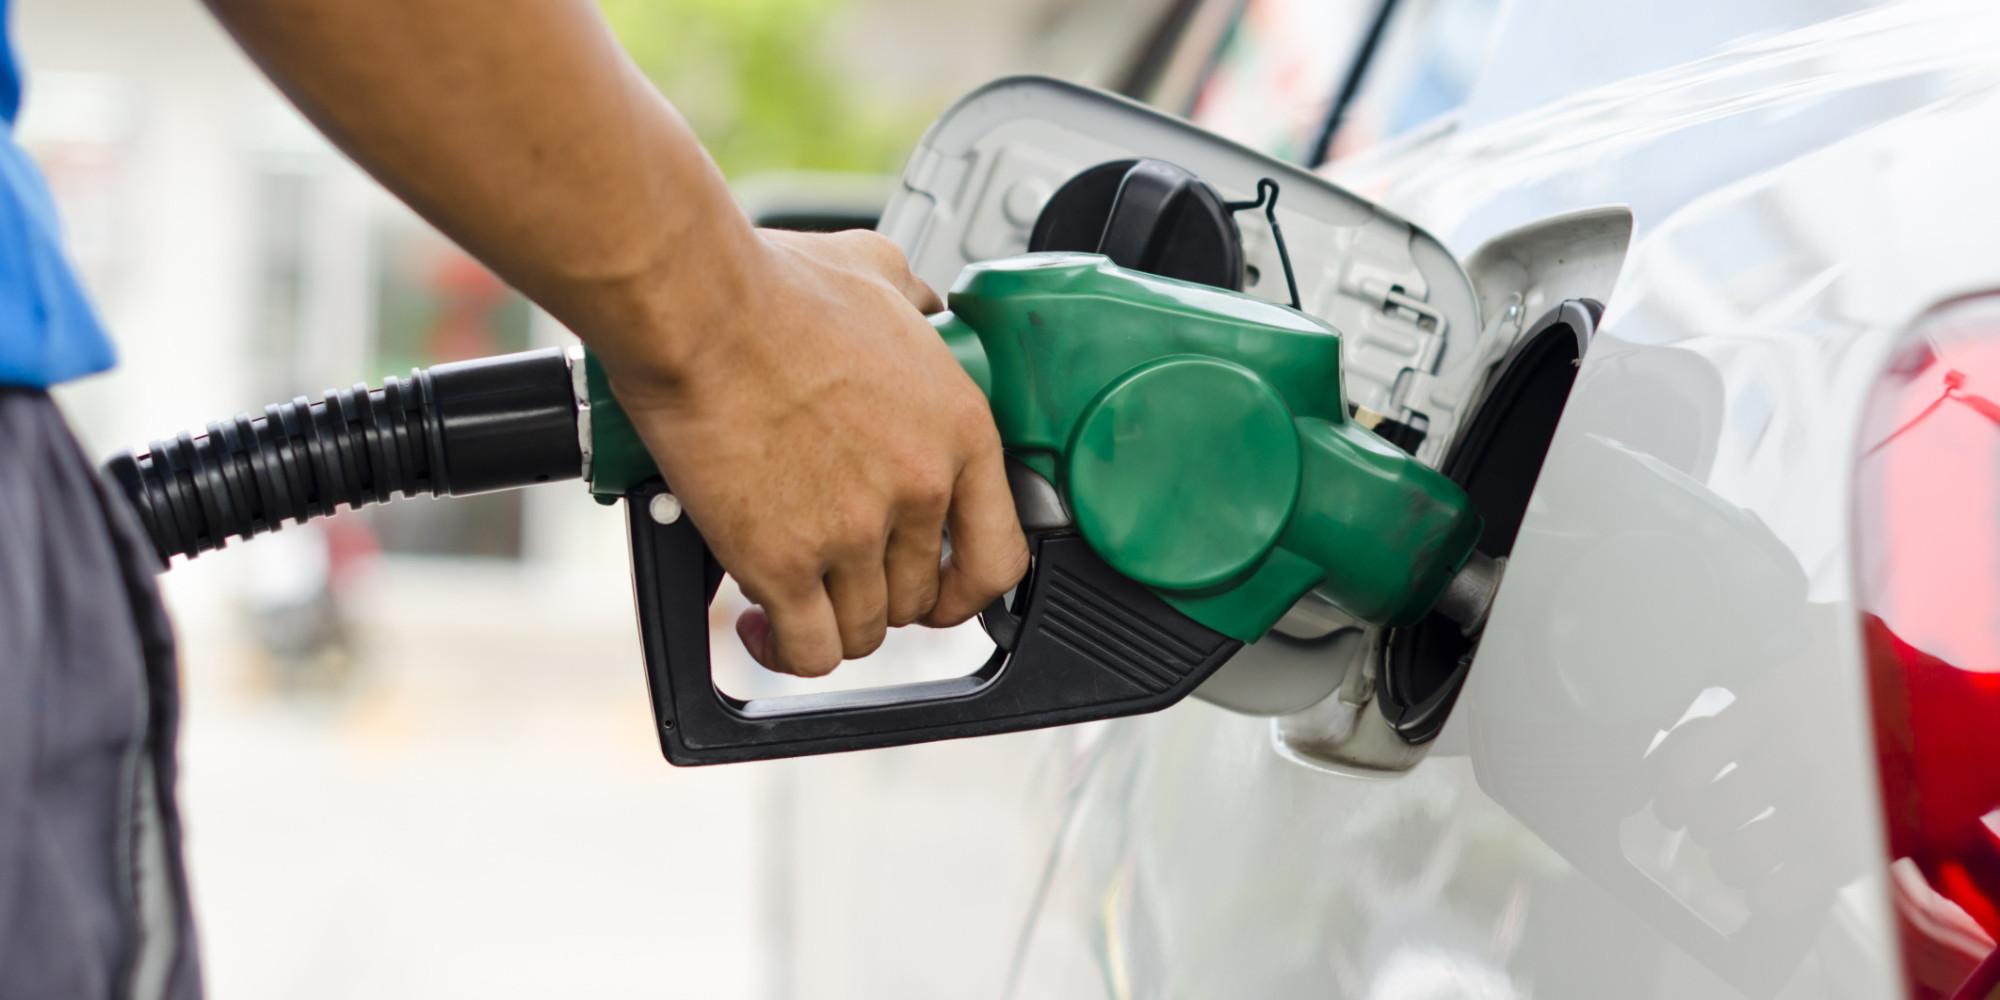 AGU recorre de decisão que suspende aumento de tributo sobre combustível